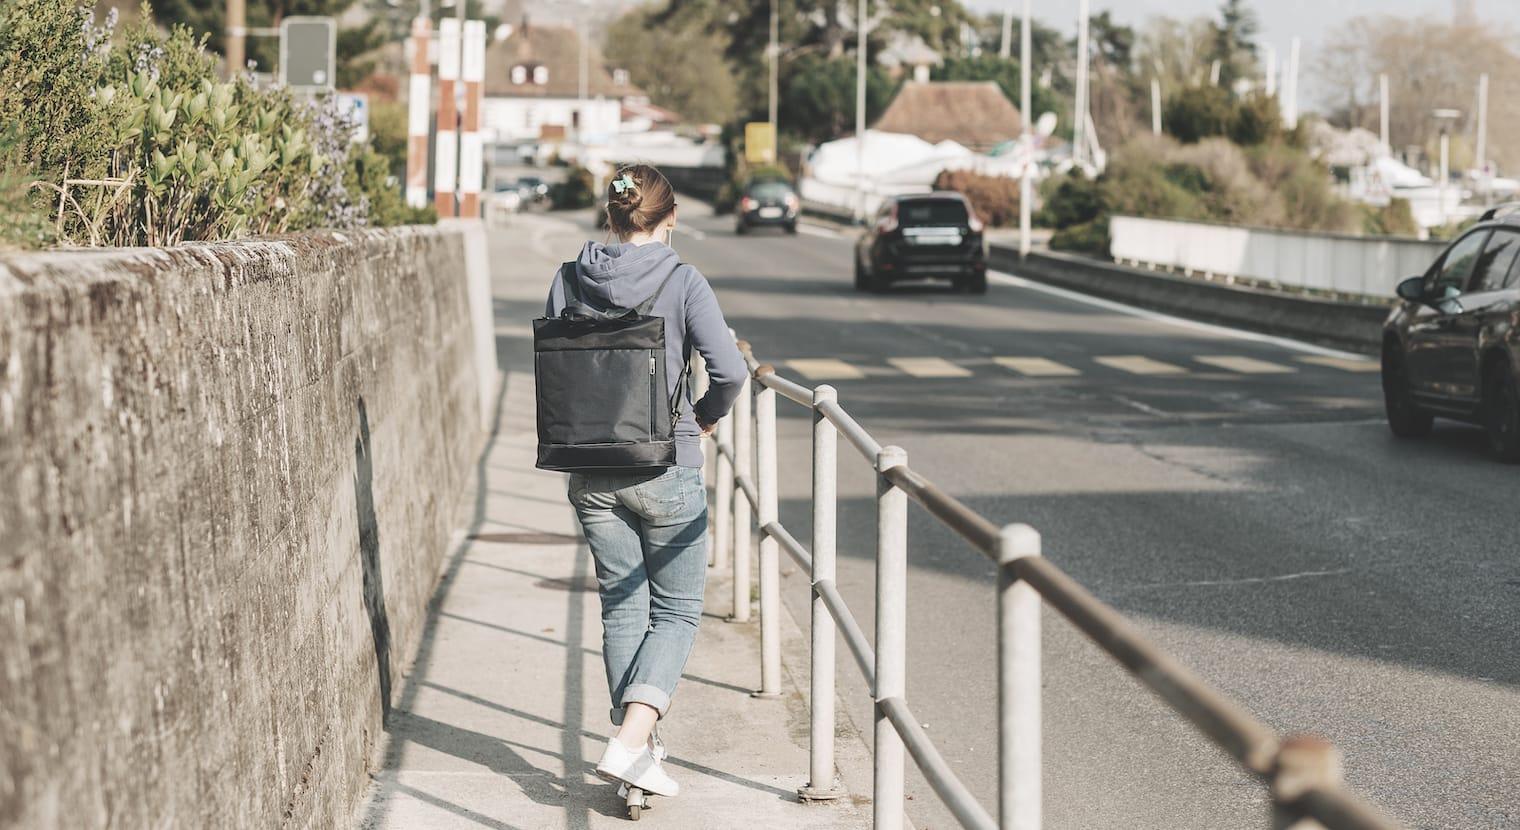 Vista da dietro di una donna che gira su un monopattino lungo una strada.